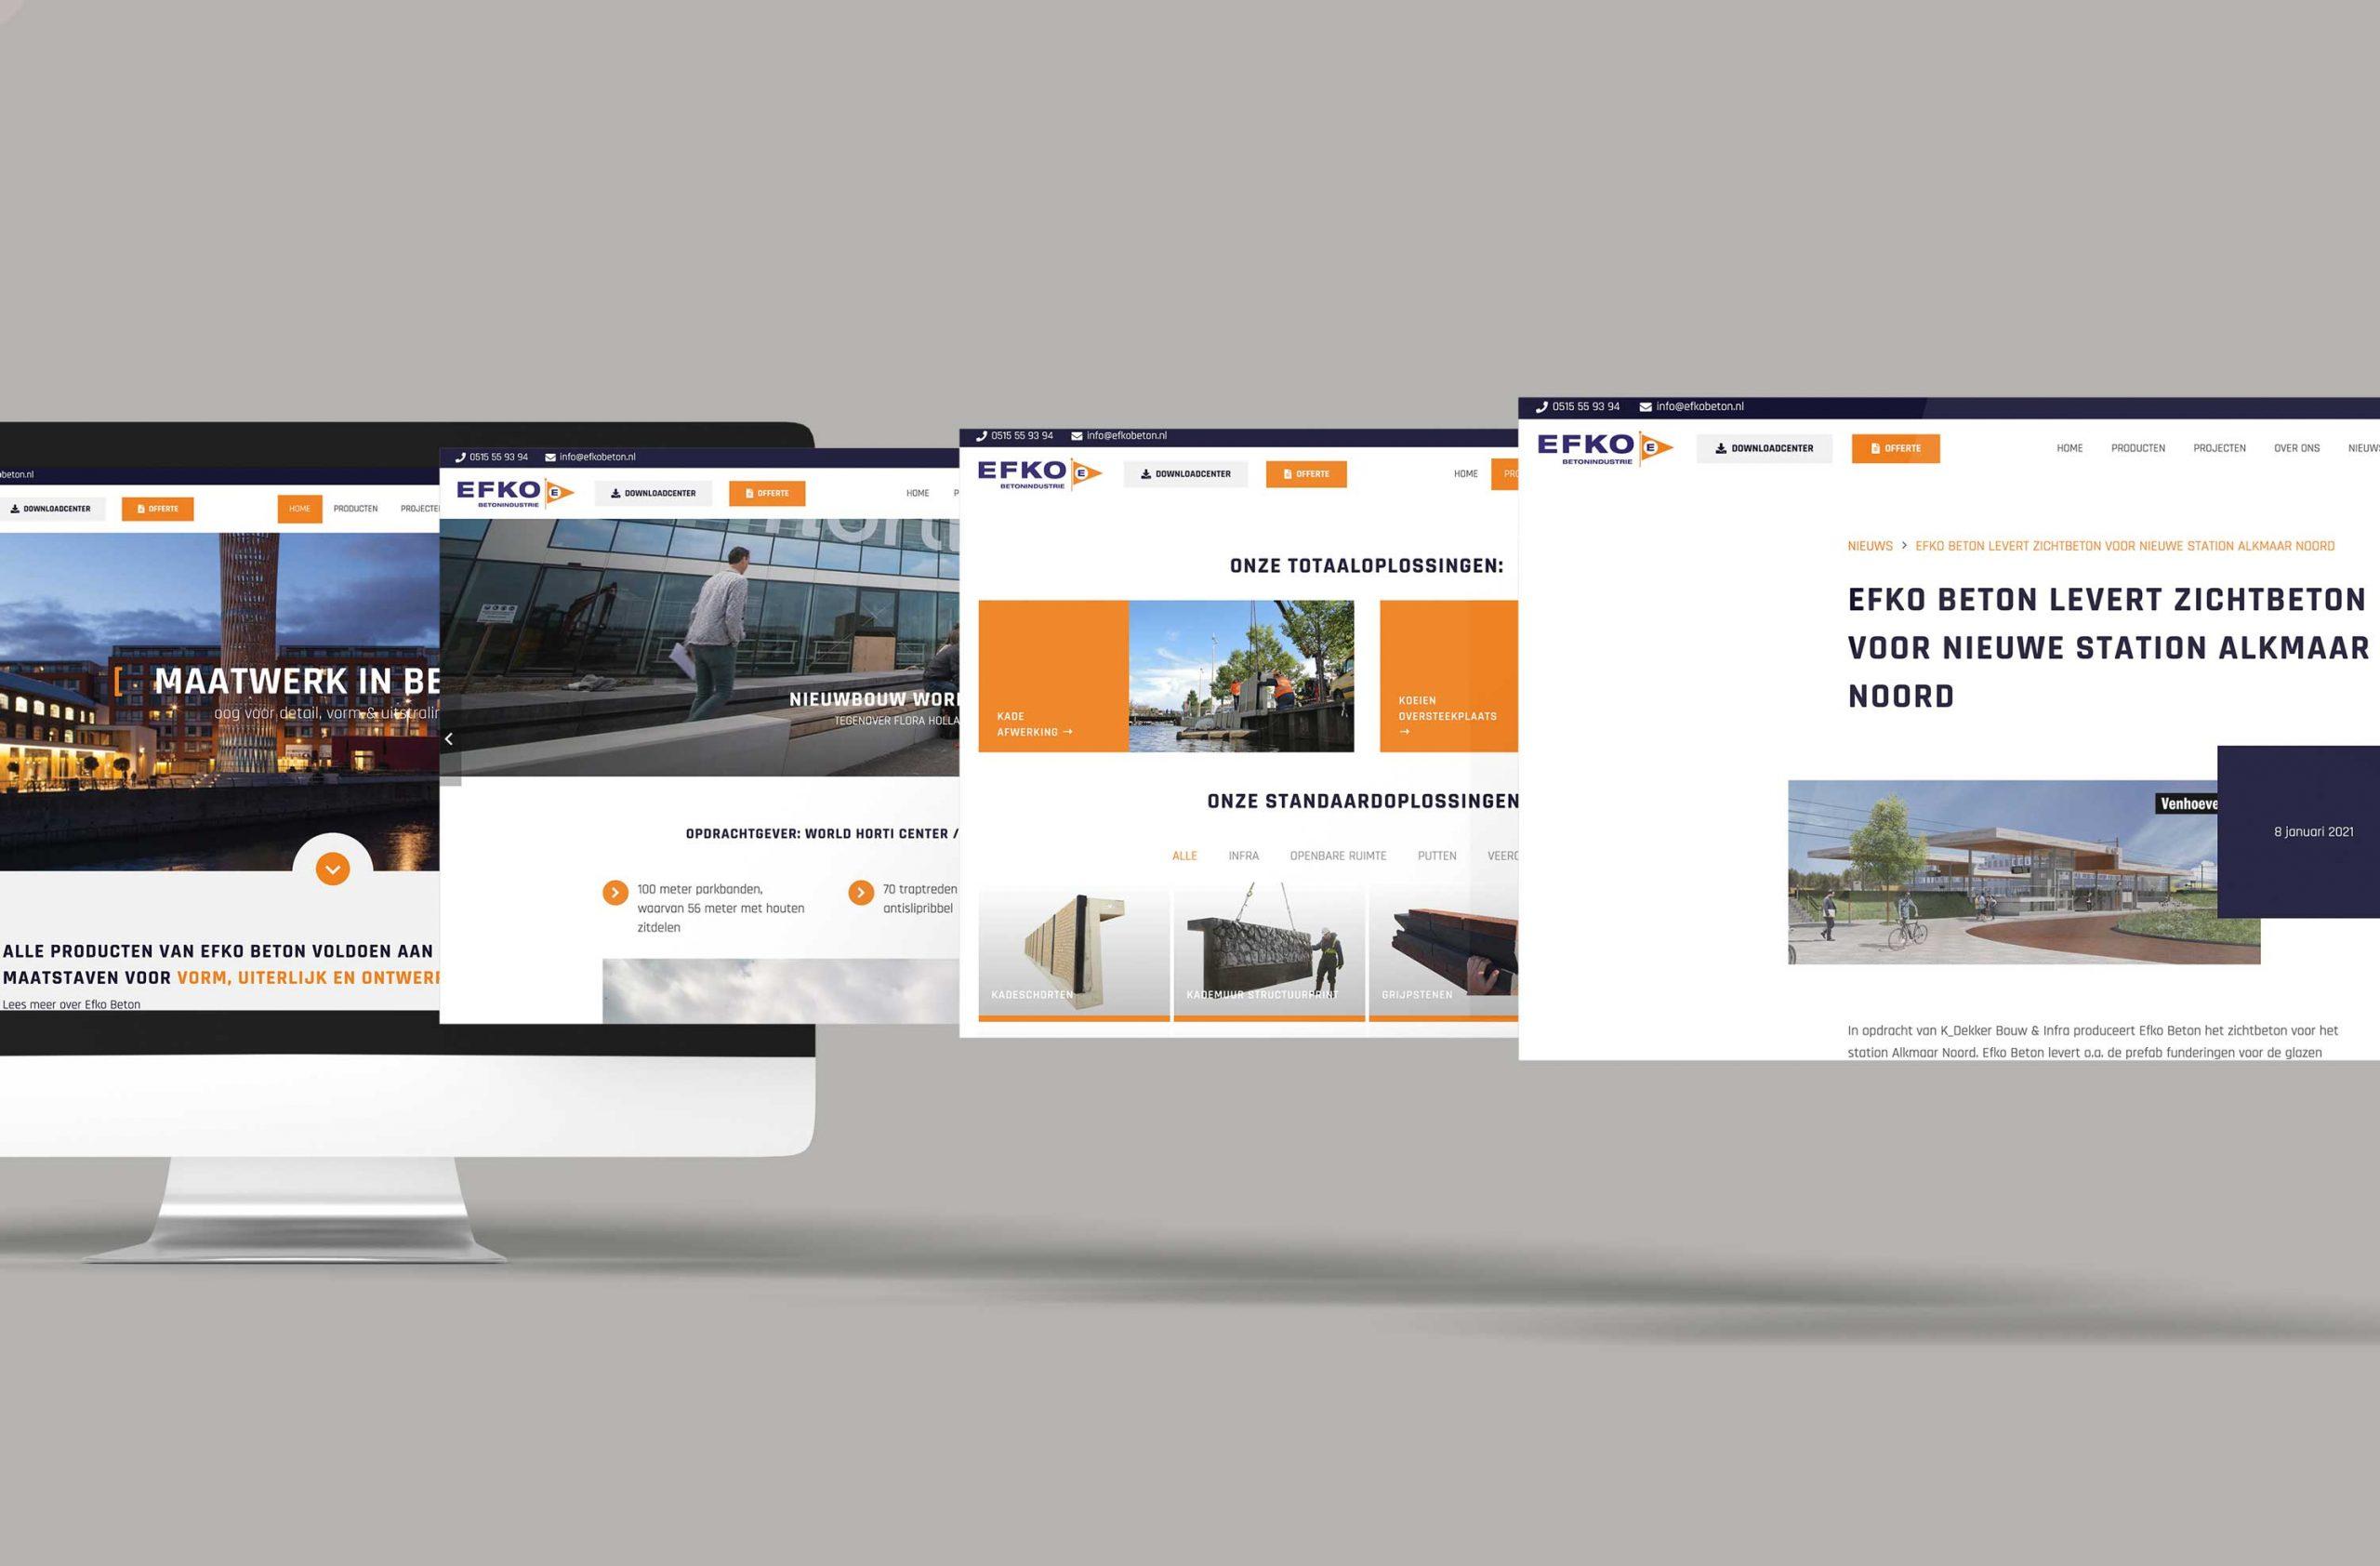 webdesign desktop efko